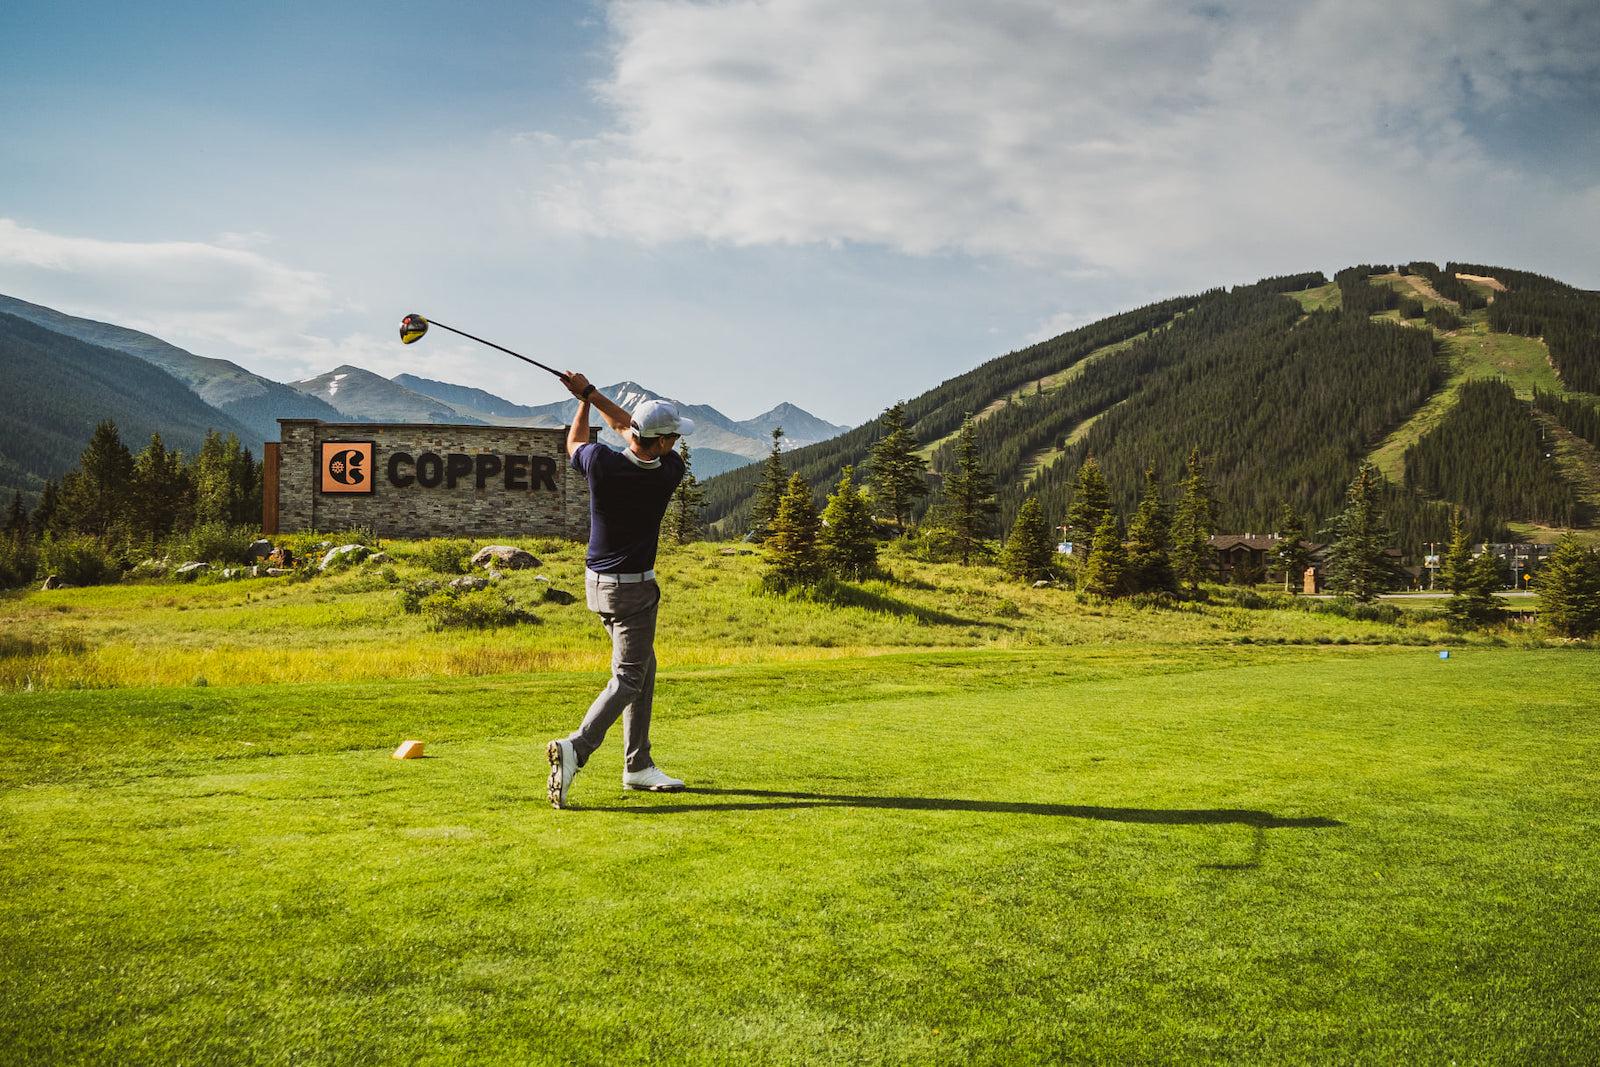 Gambar untuk seseorang bermain golf di Copper Mountain